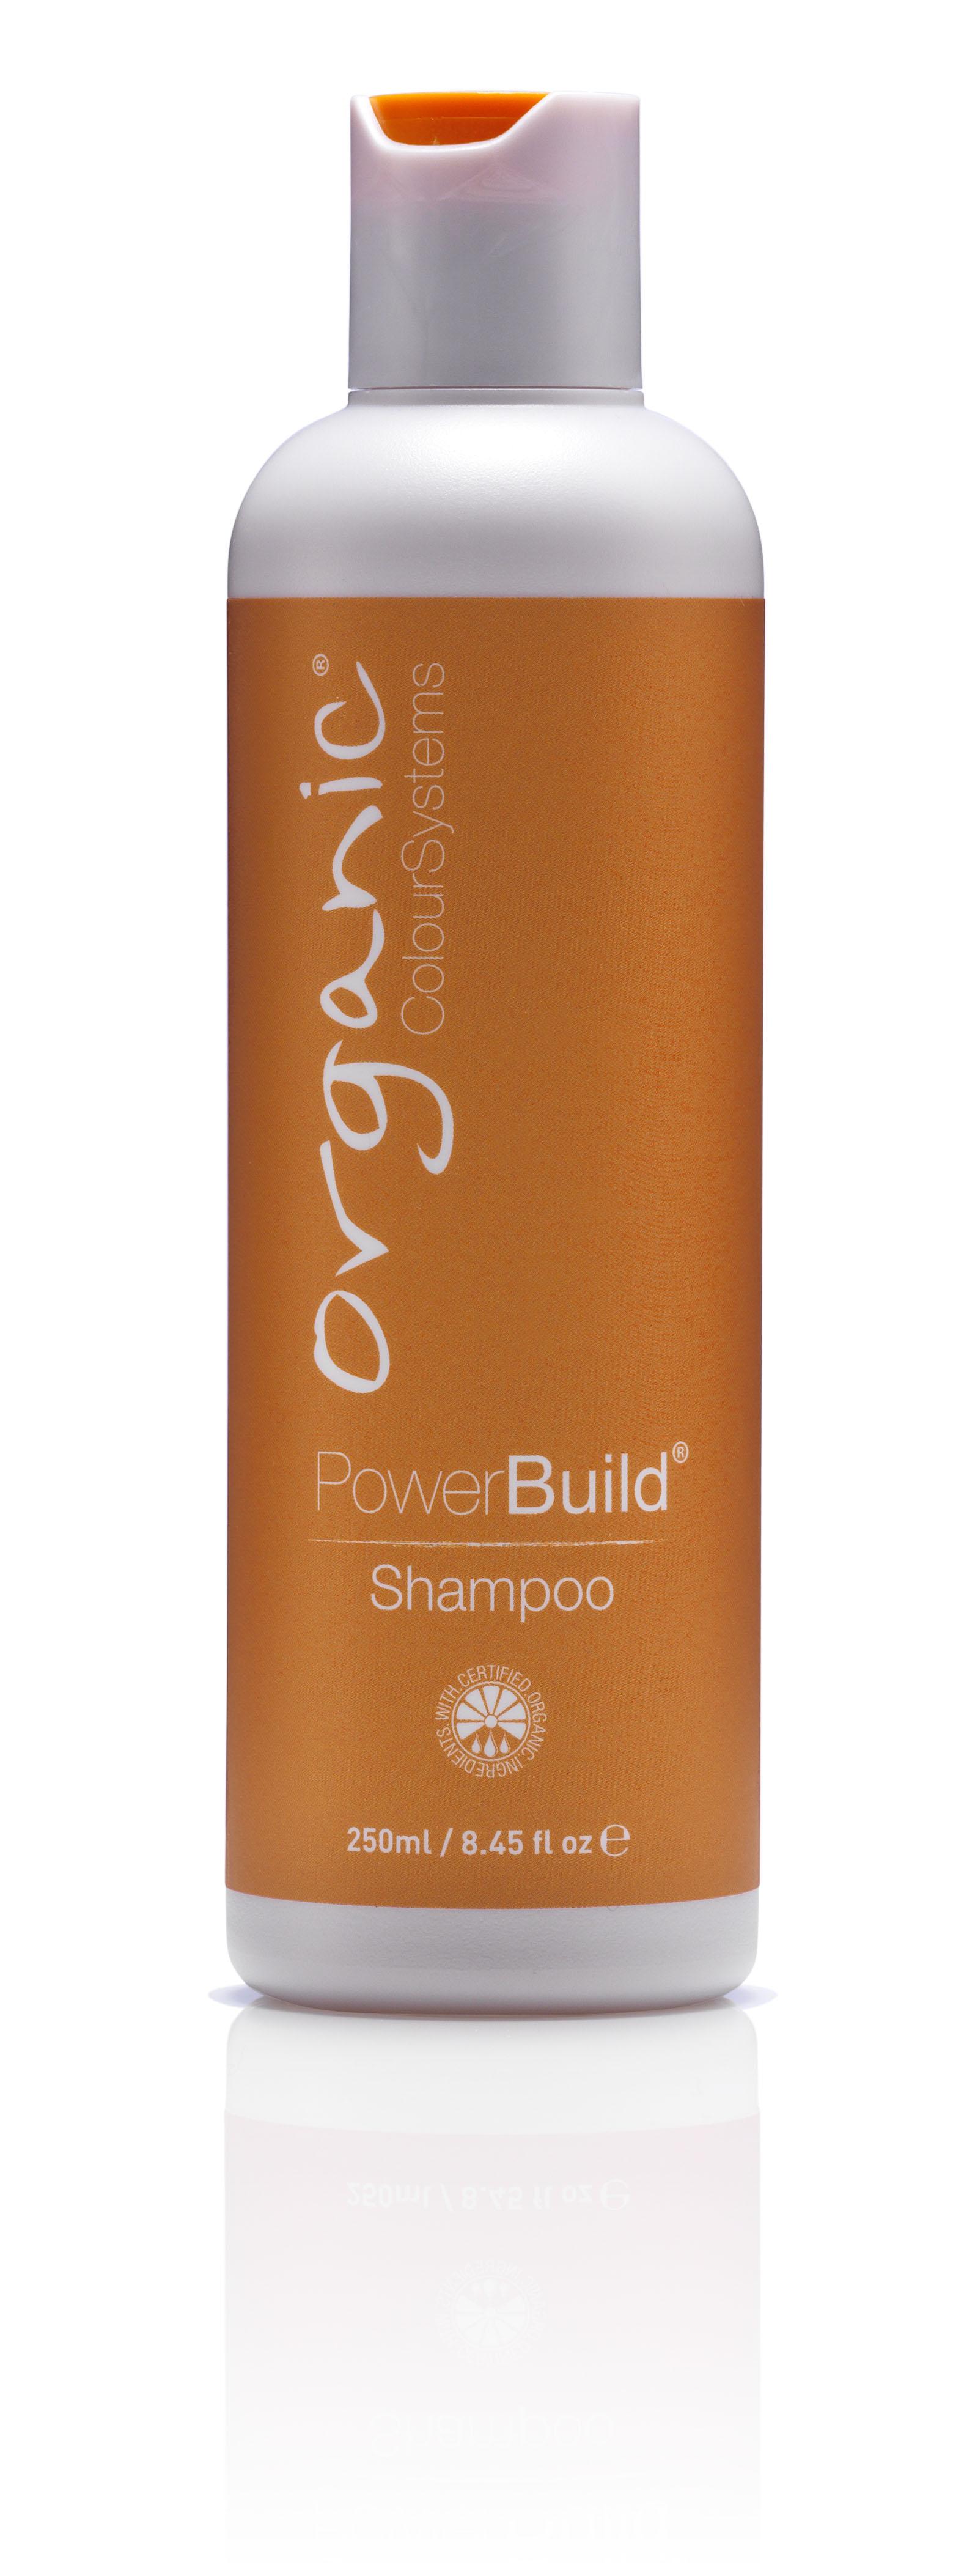 PowerBuild Shampoo